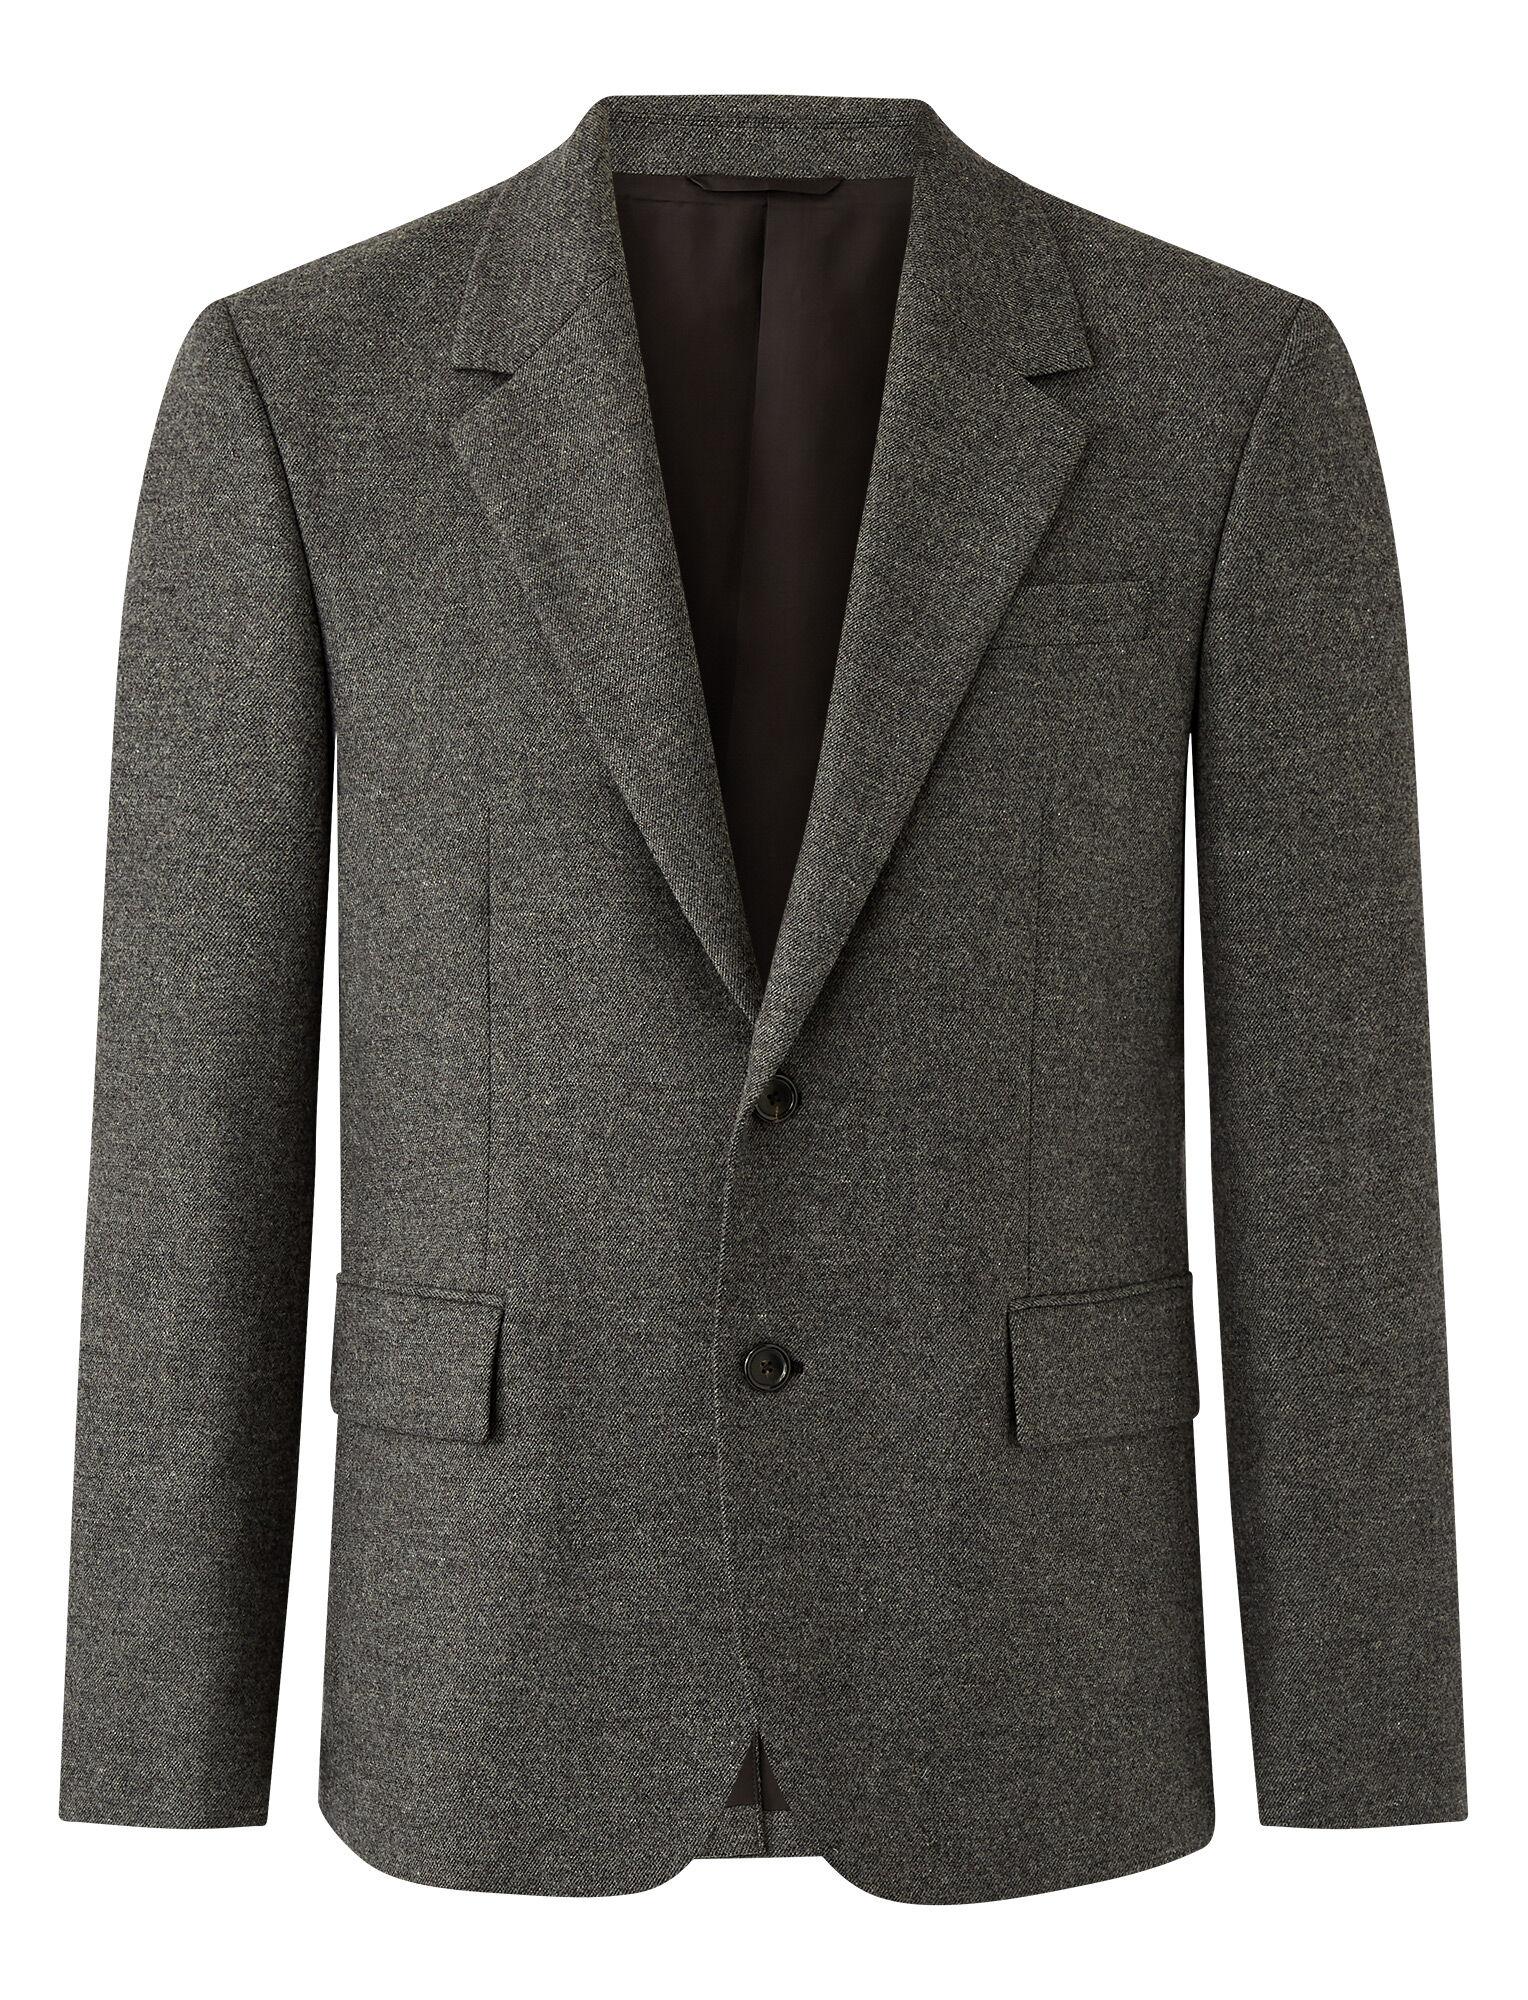 Joseph, Saxony Stretch Jacket, in Grey